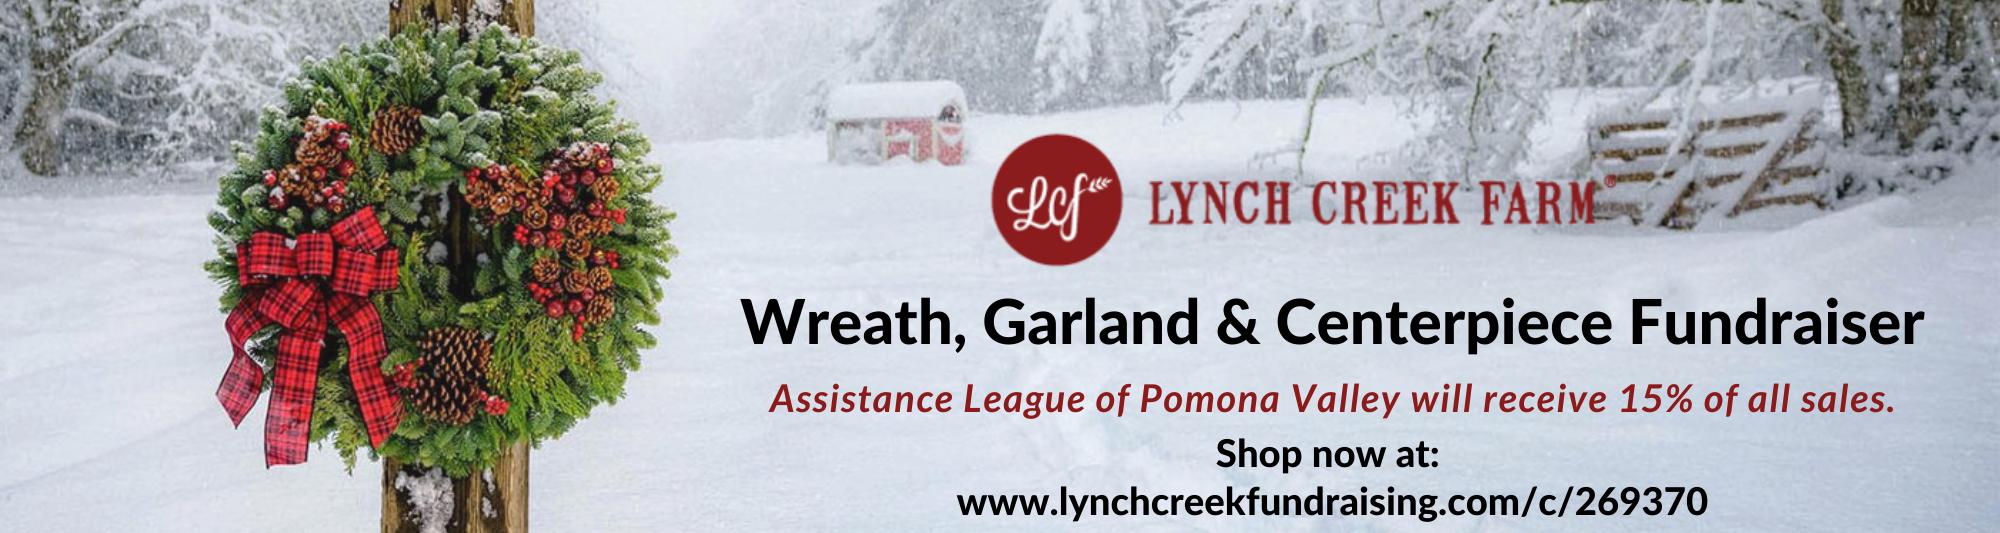 Lynch Creek Farm Fundraiser